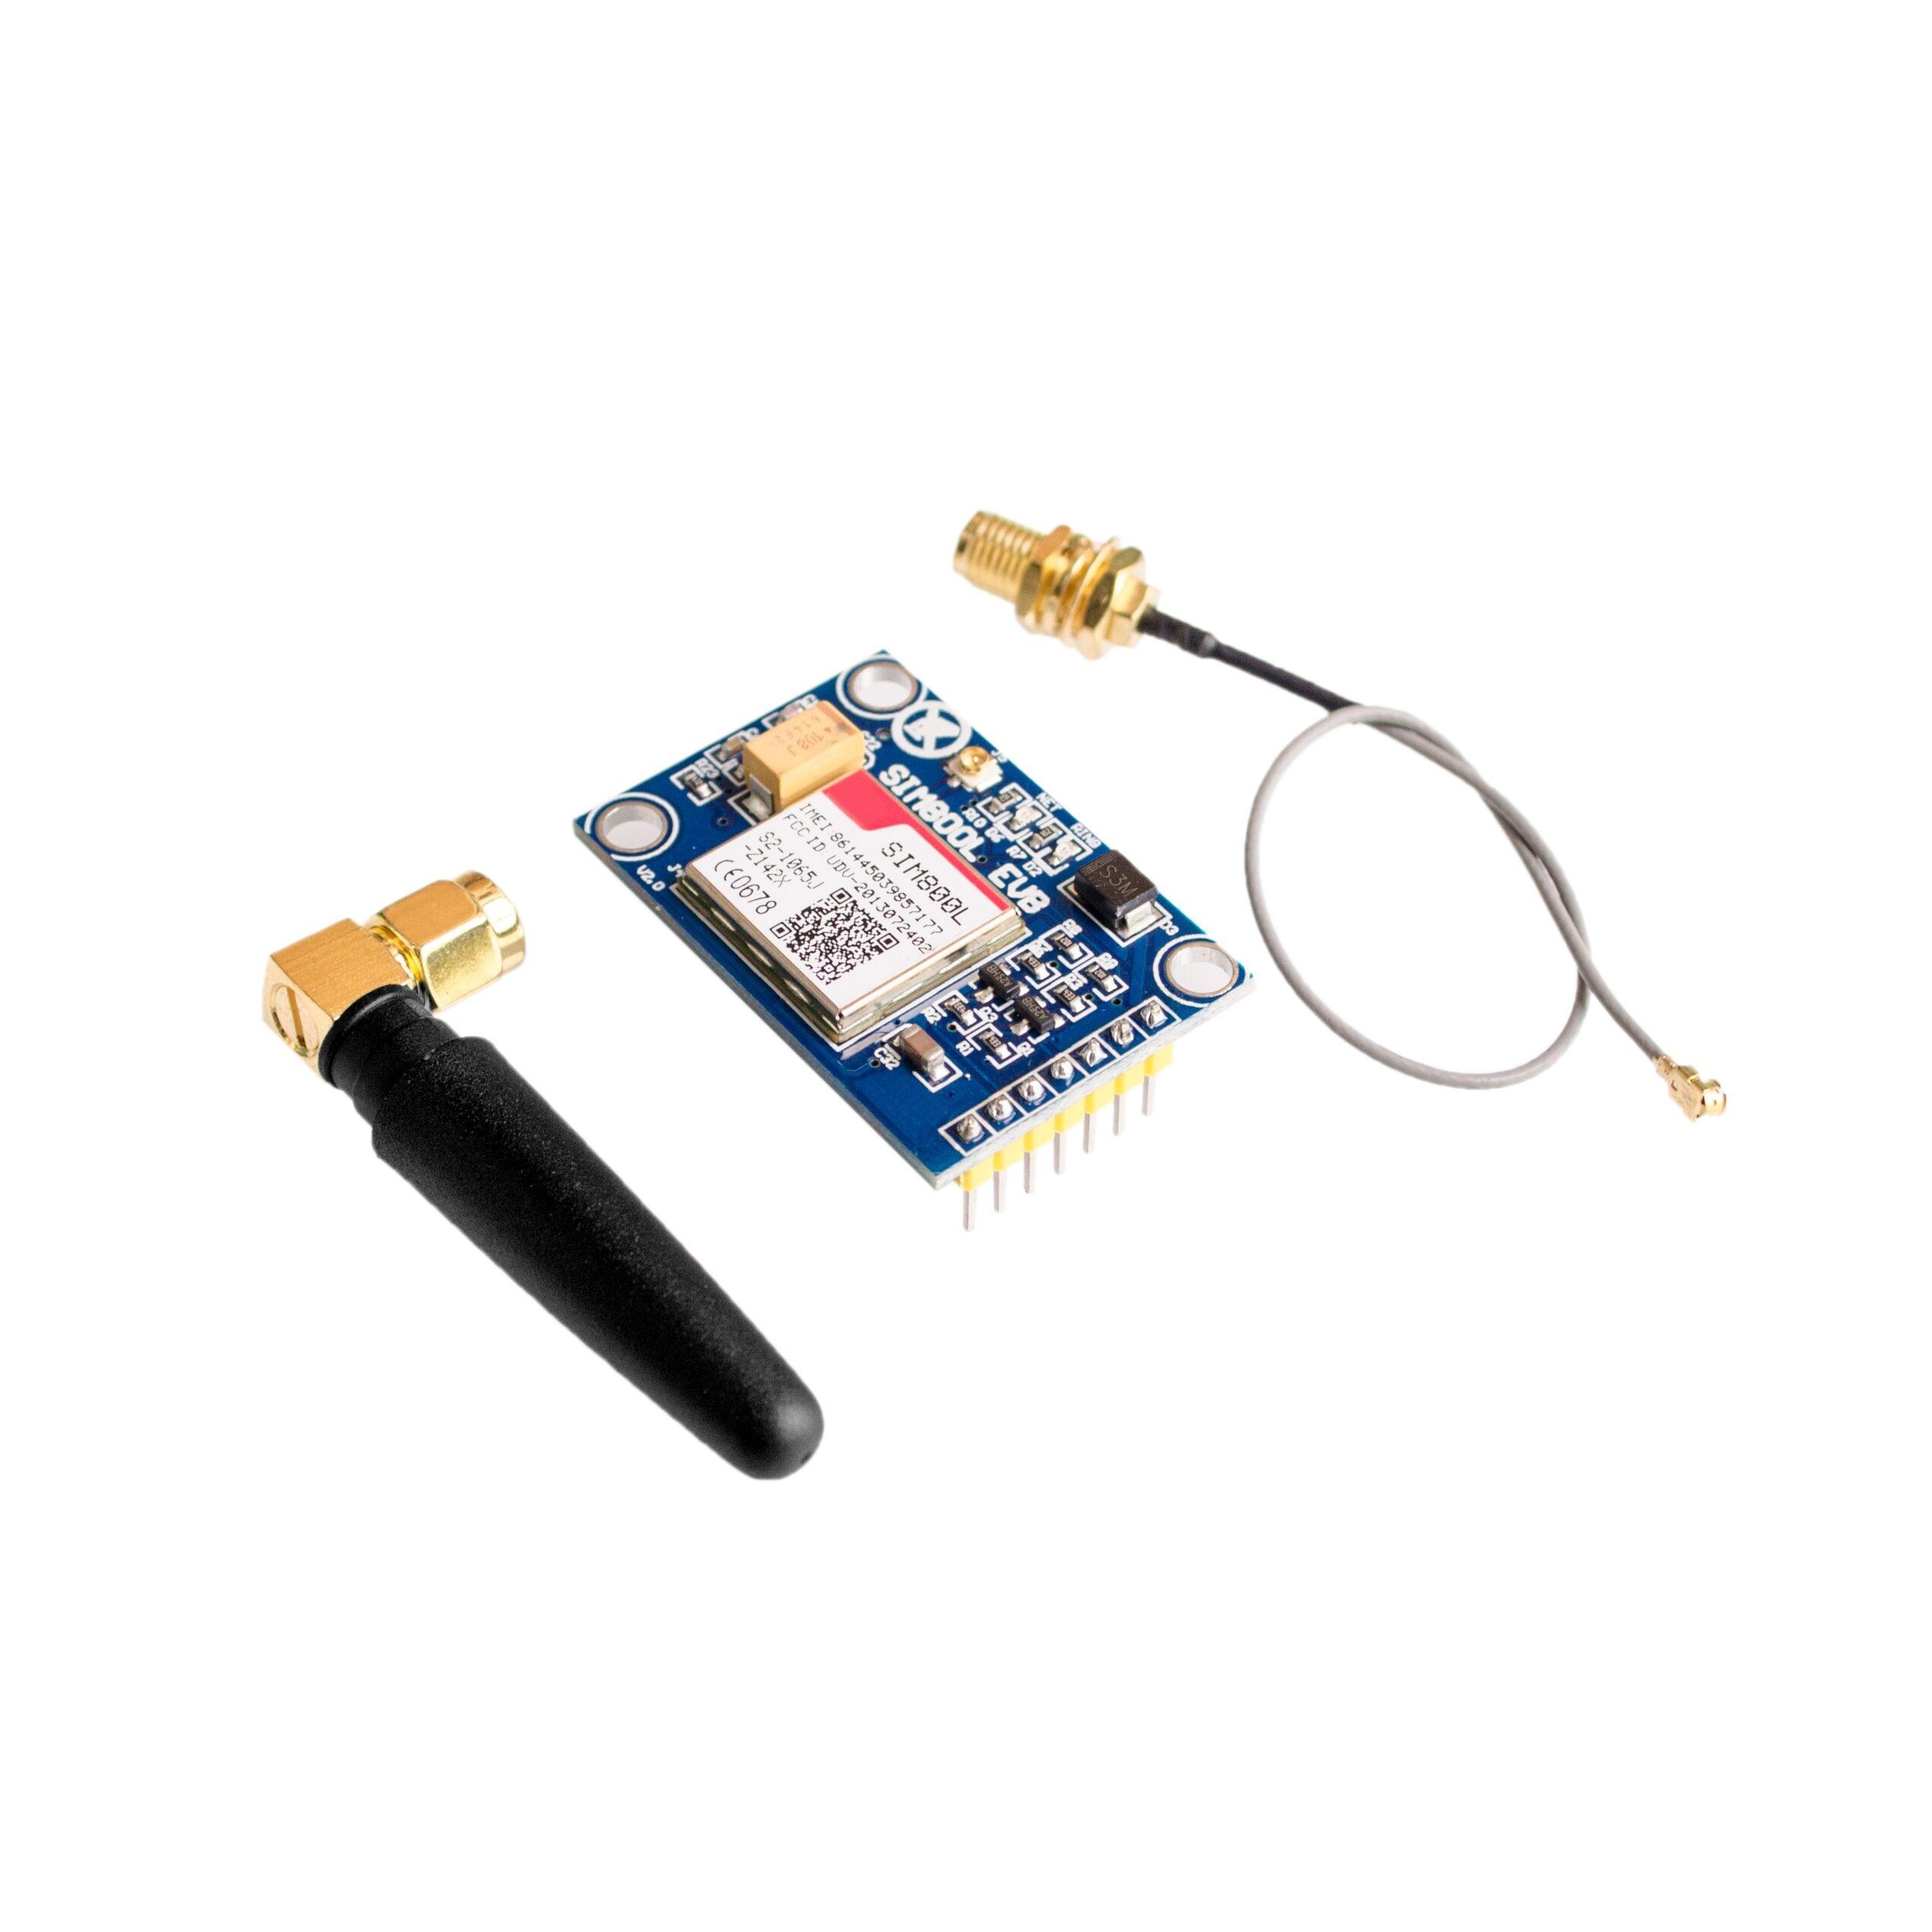 Novo sim800l gprs gsm módulo com pcb antena sim placa quad band para arduino